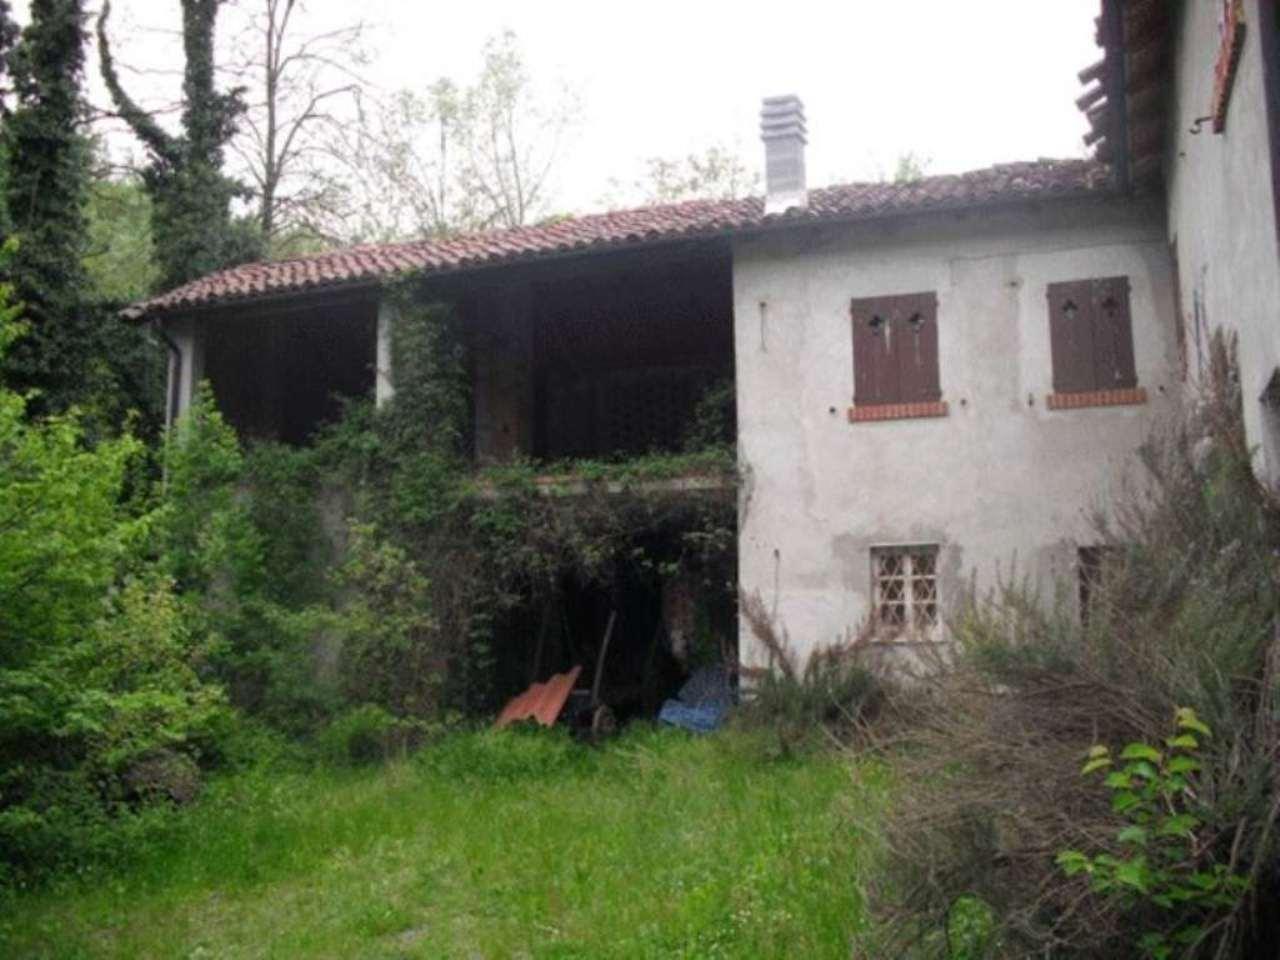 Rustico / Casale in vendita a Rocca Grimalda, 6 locali, prezzo € 280.000 | CambioCasa.it